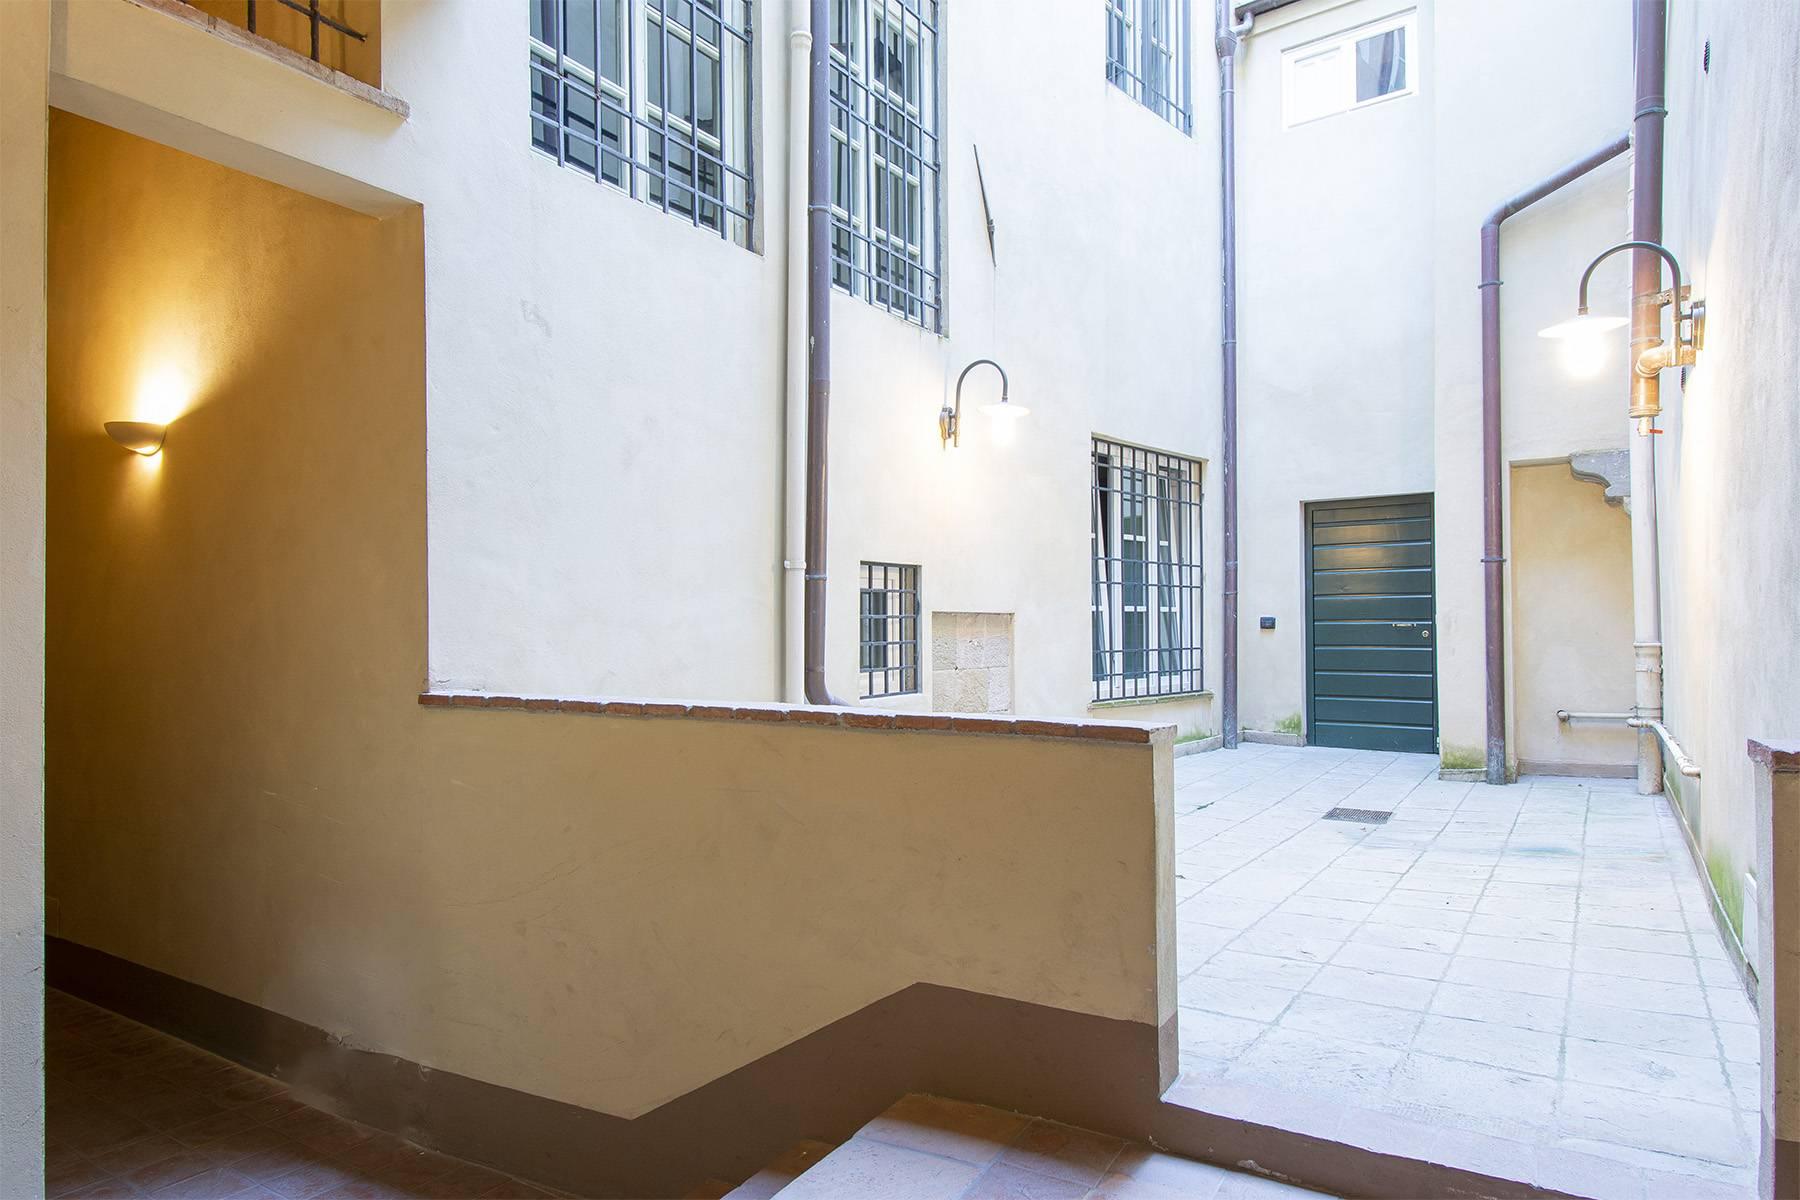 Appartamento in Vendita a Lucca: 5 locali, 77 mq - Foto 13